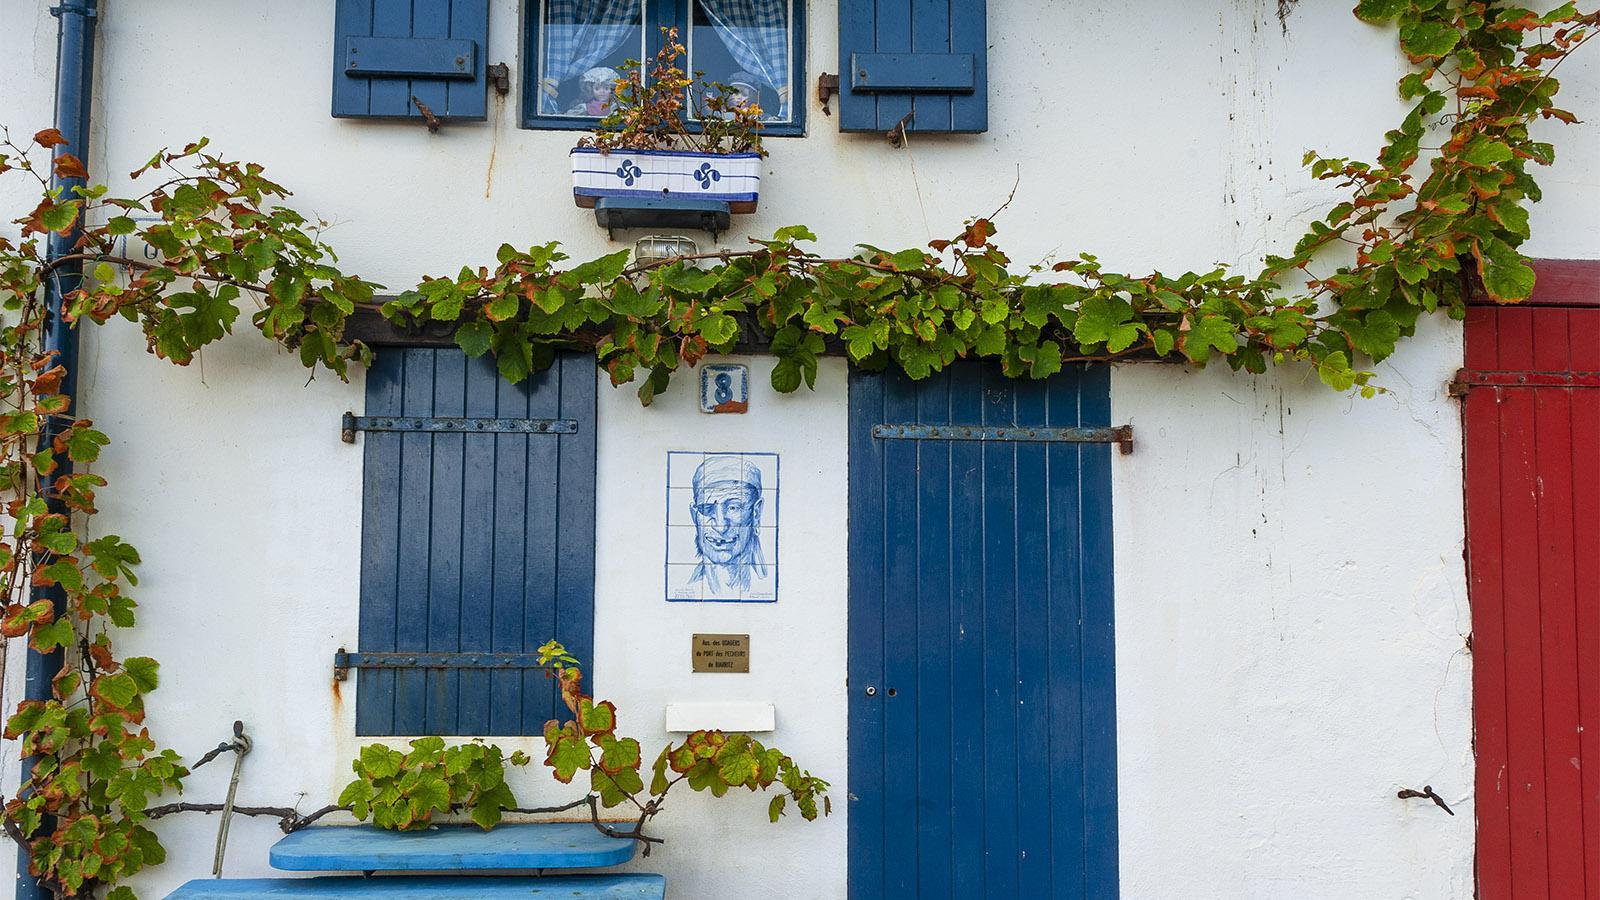 """Von außen der Hingucker im Port-Vieux von Biarritz: die """"crampotte"""" von François Doyhamboure. Foto: Hilke Maunder"""